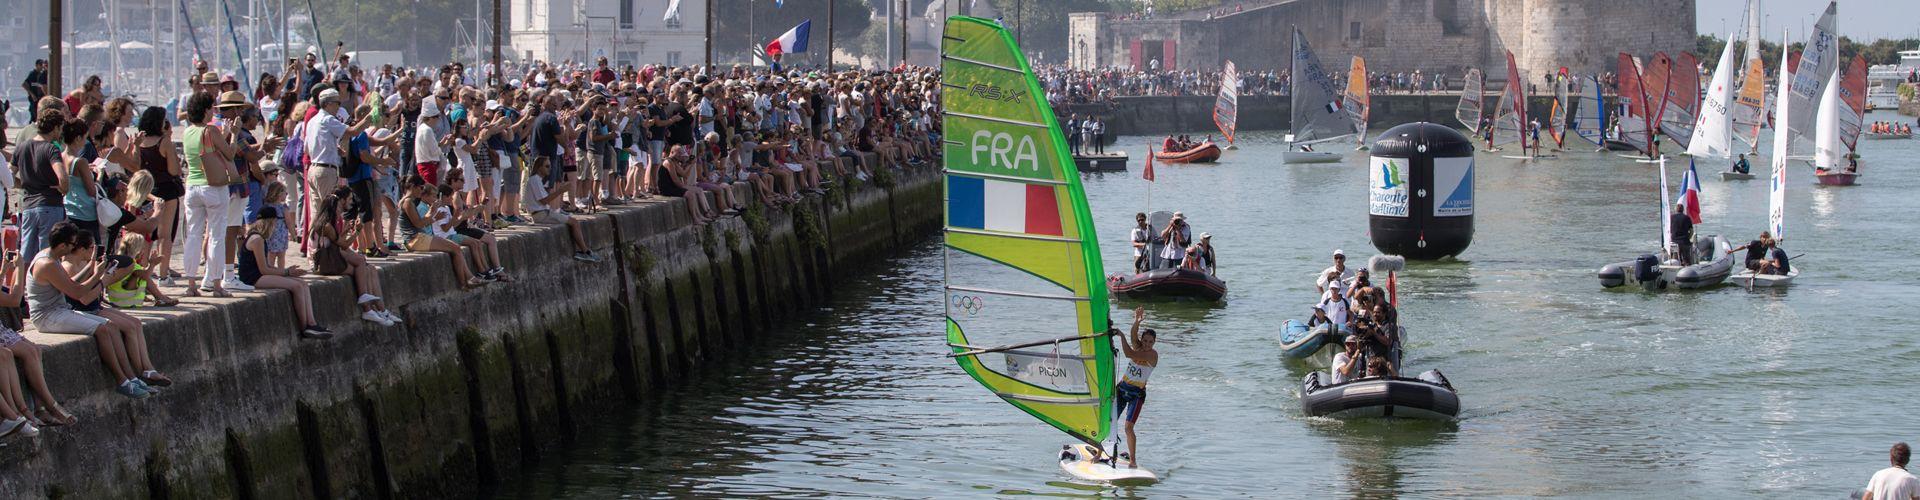 Voile : Parade nautique – La Rochelle – 08/07/2016